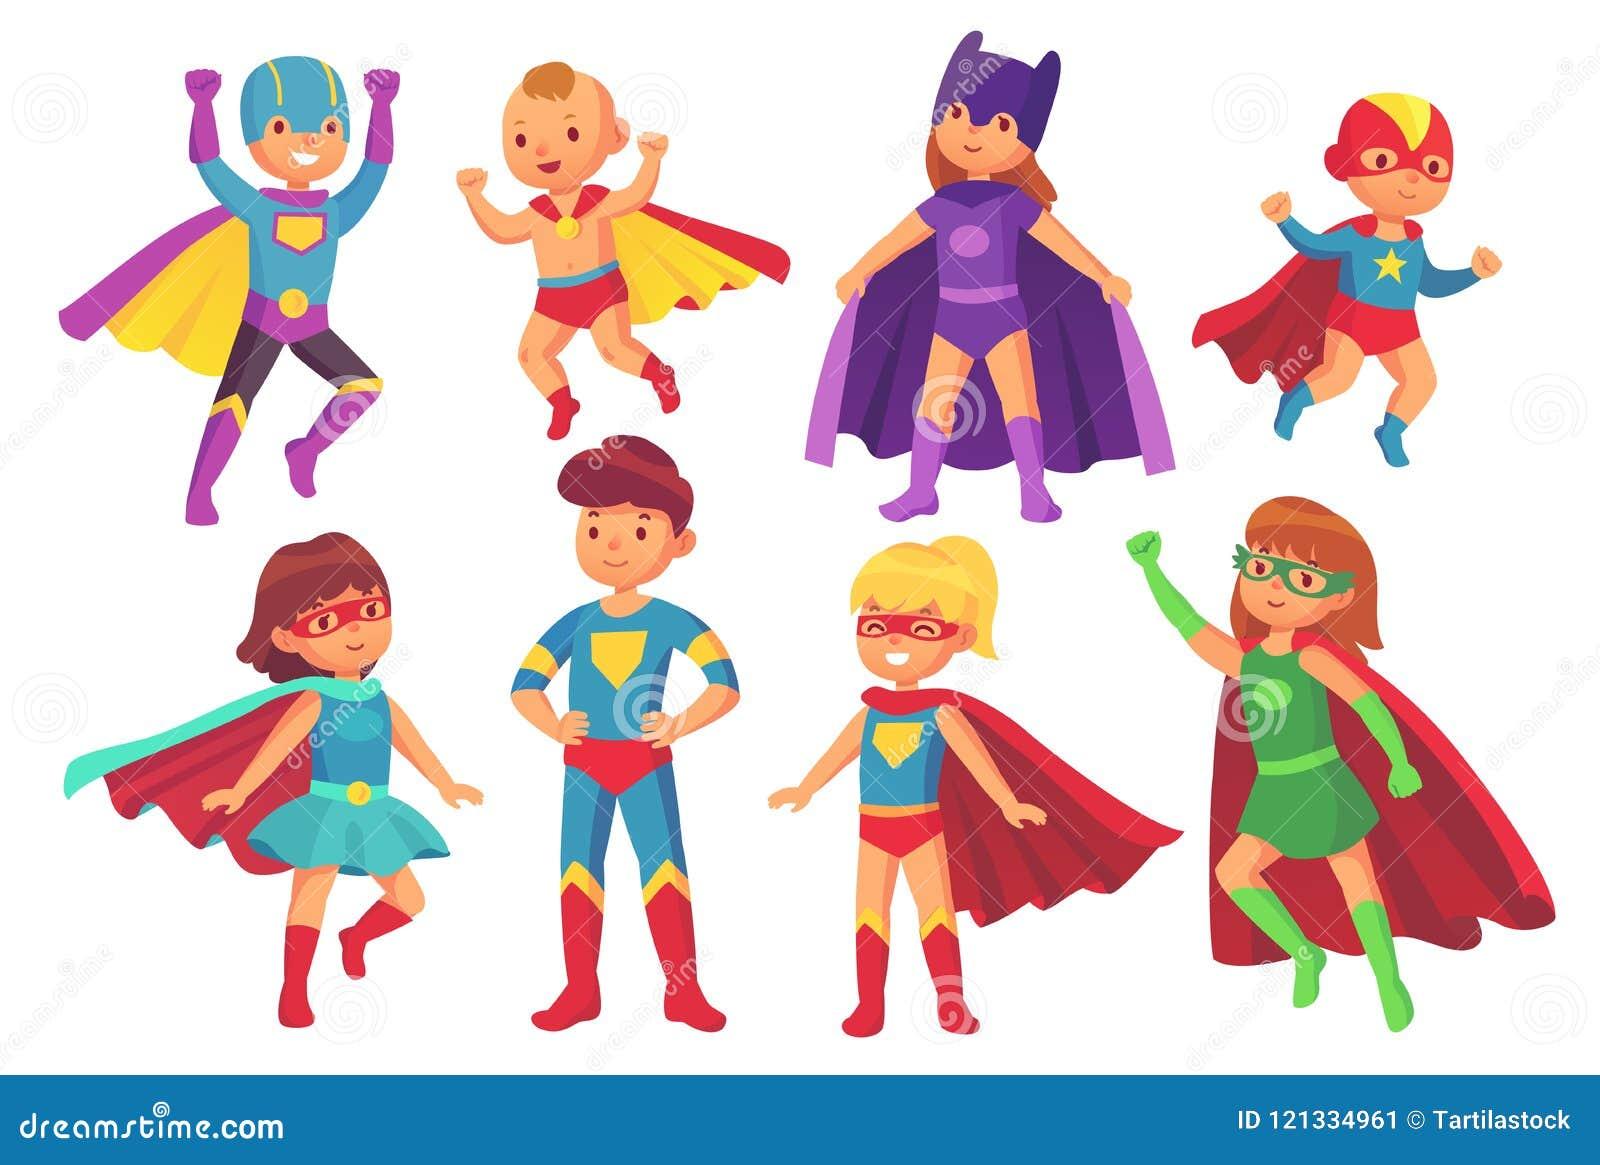 El super héroe de la historieta embroma caracteres Traje del superhéroe del niño que lleva alegre con la máscara y la capa Super